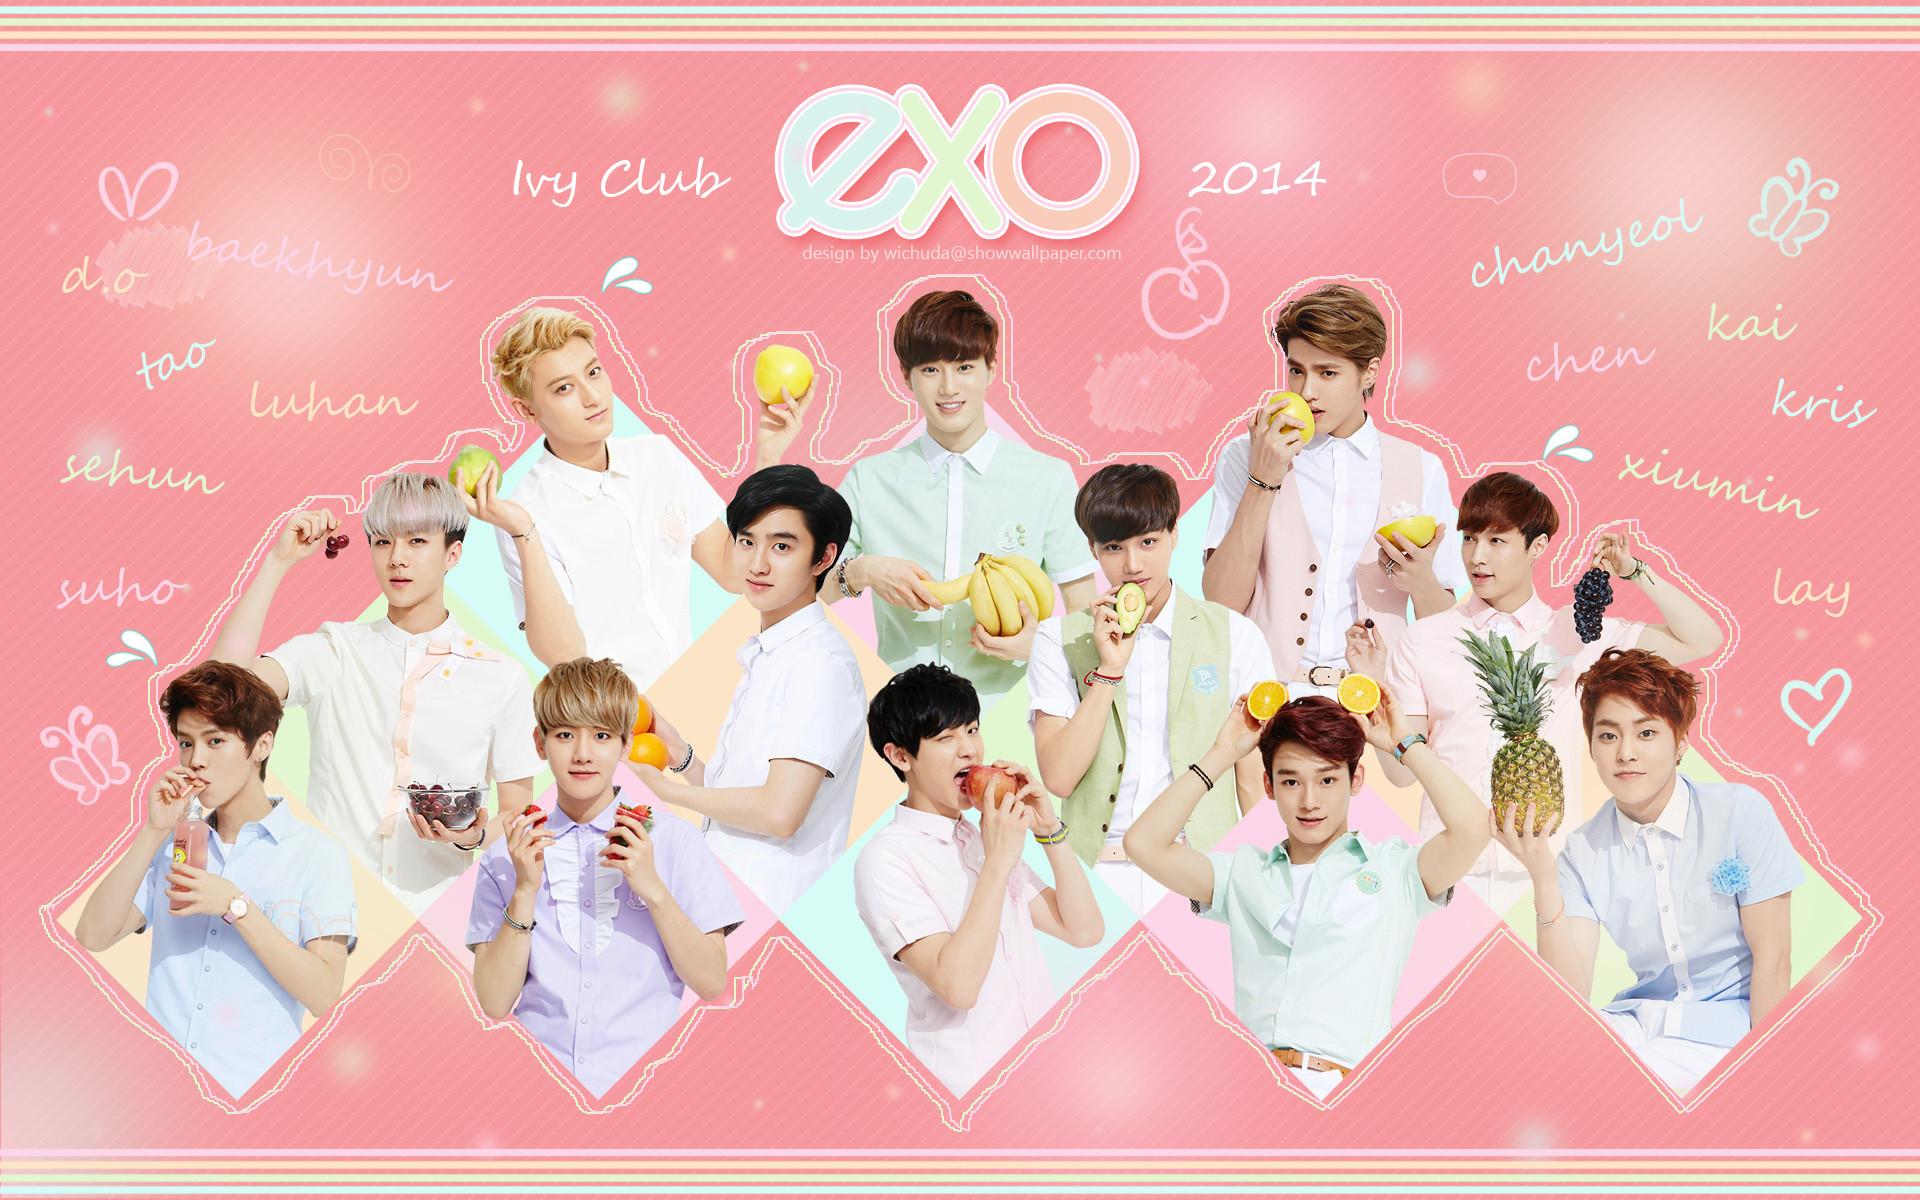 Exo Korea Boy Band 01 Wallpaper